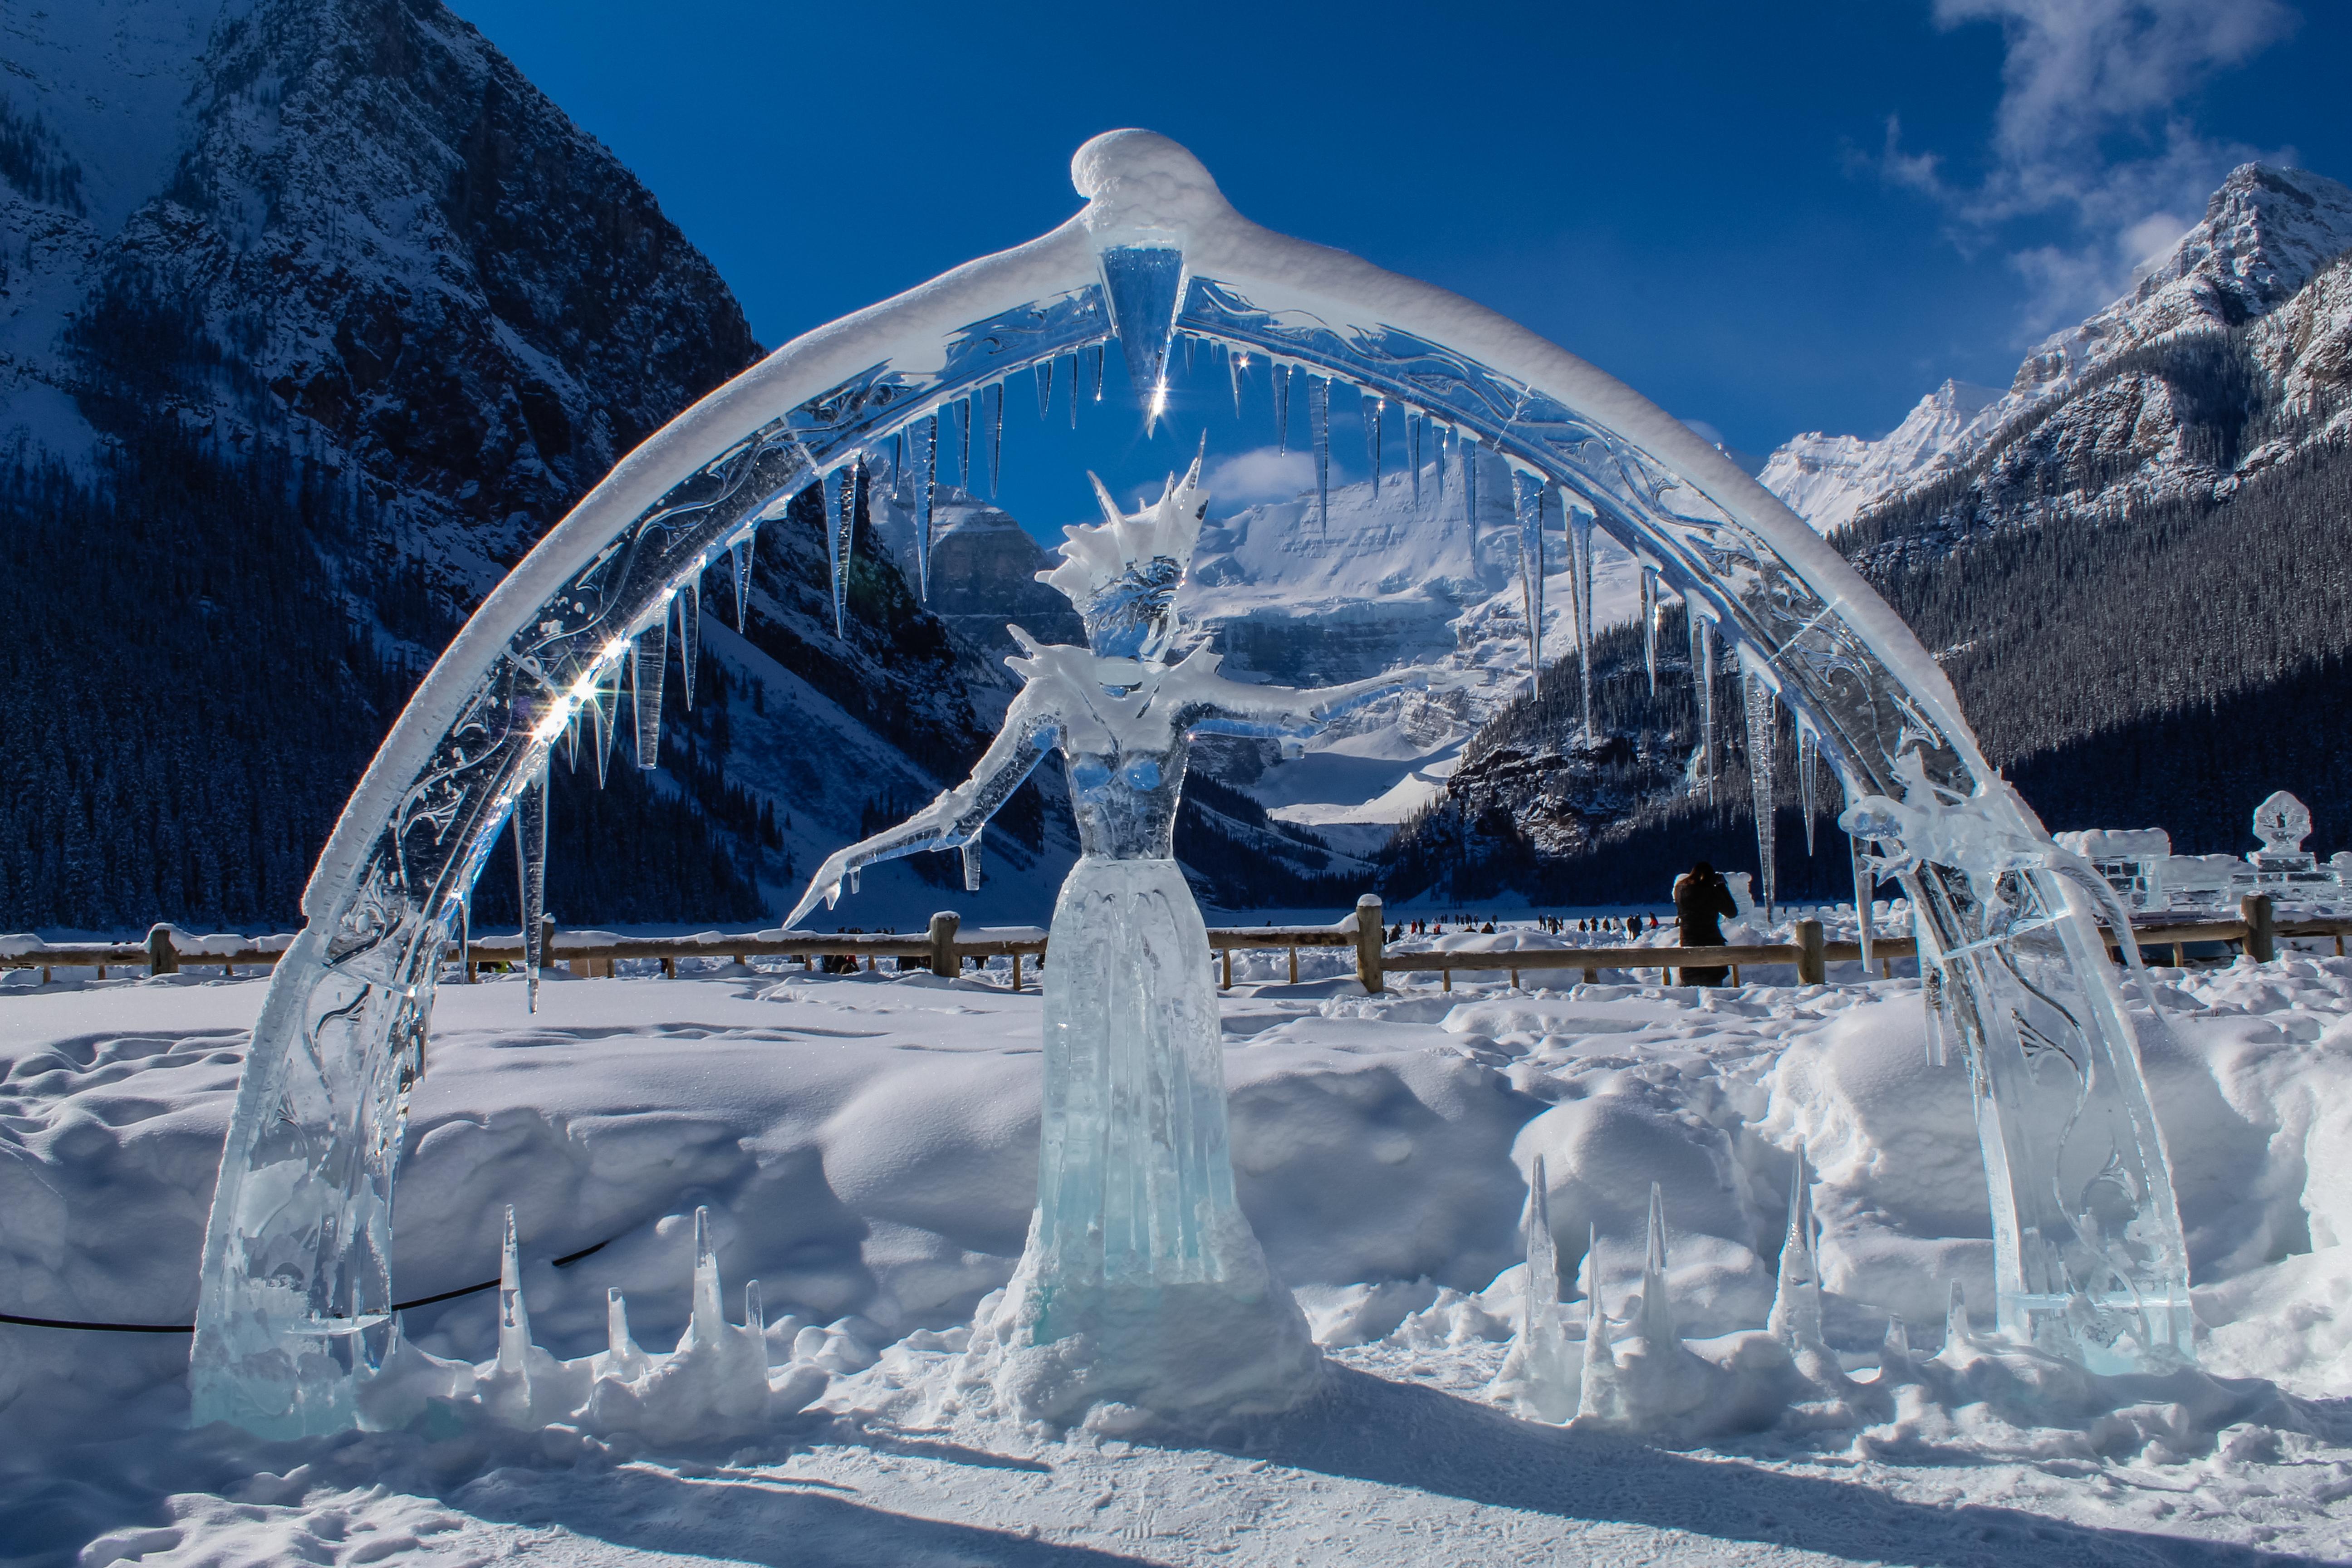 черной краской, красивые картинки снега и льда человек